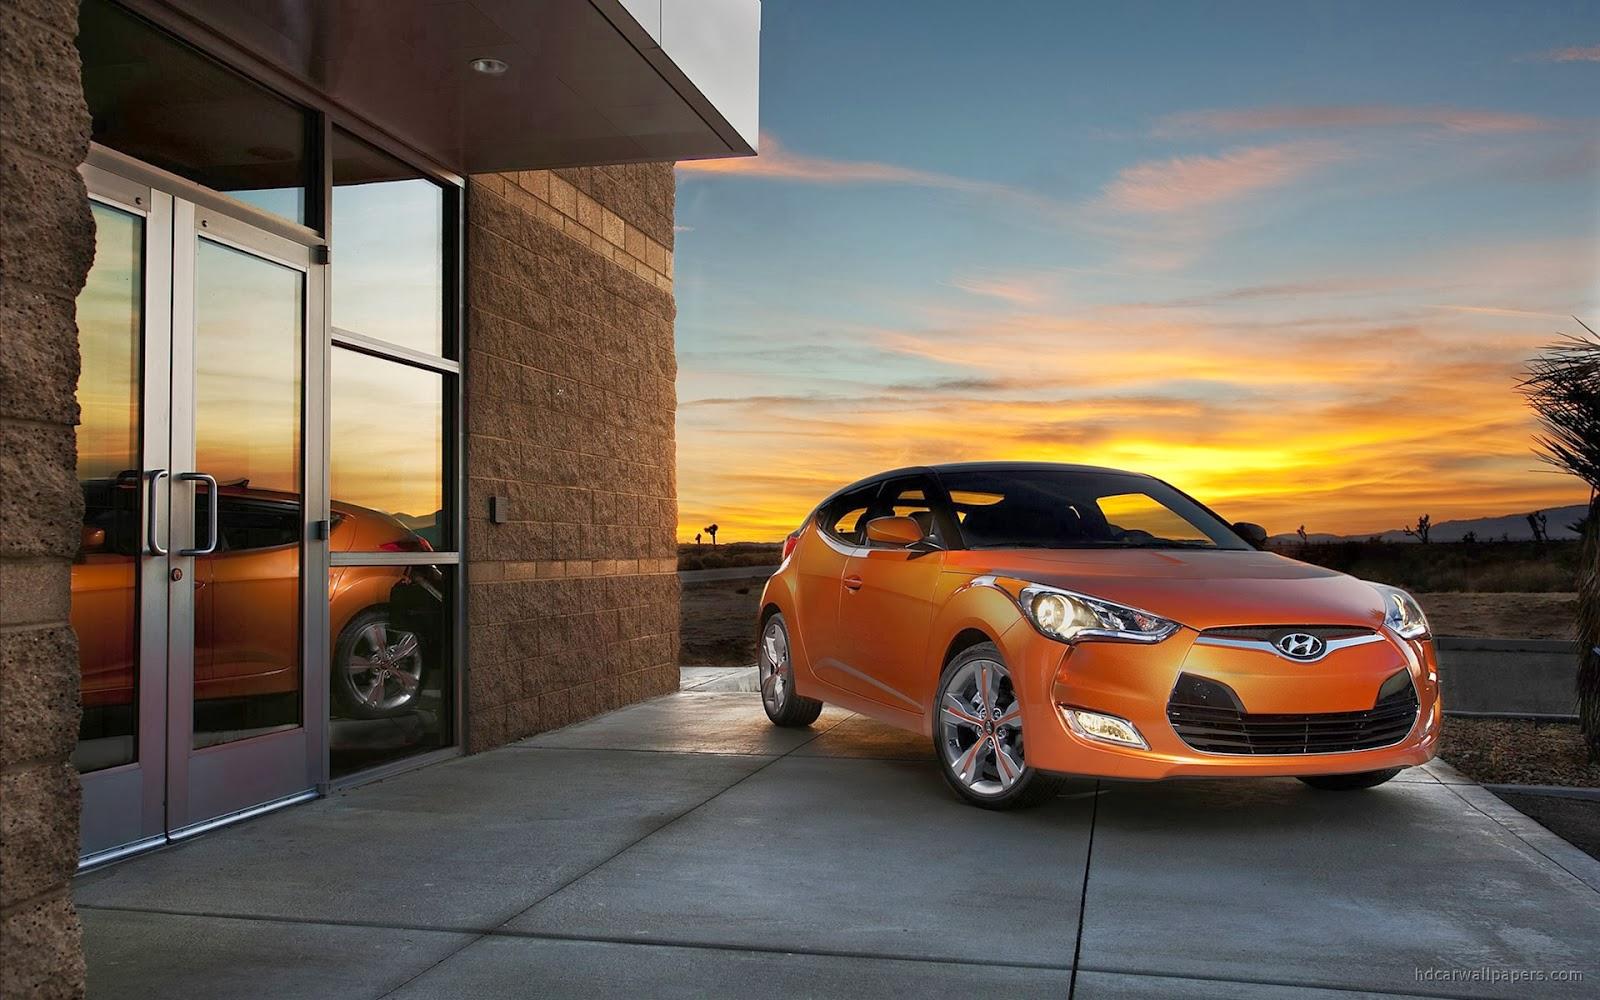 """<img src=""""http://2.bp.blogspot.com/-WORiegngUck/Uu_tdUqIWpI/AAAAAAAAK9I/JyCnAbz97Mw/s1600/hyundai-veloster-wallpaper.jpg"""" alt=""""Hyundai wallpapers"""" />"""